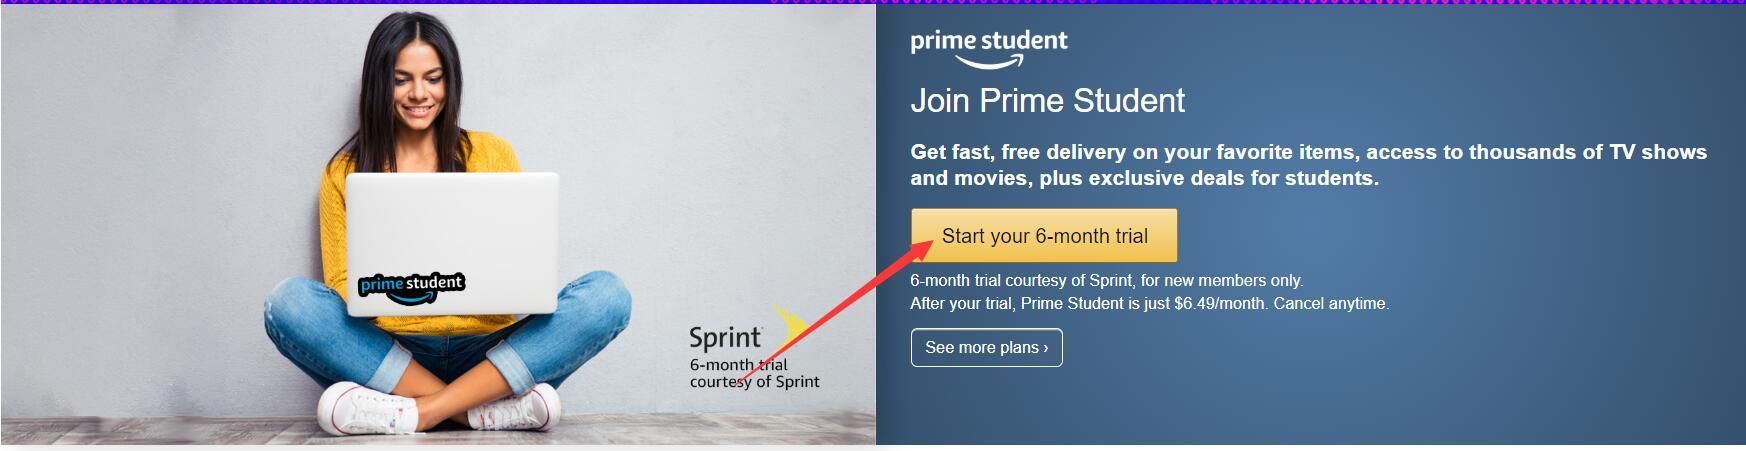 免费试用6个月美国亚马逊prime会员